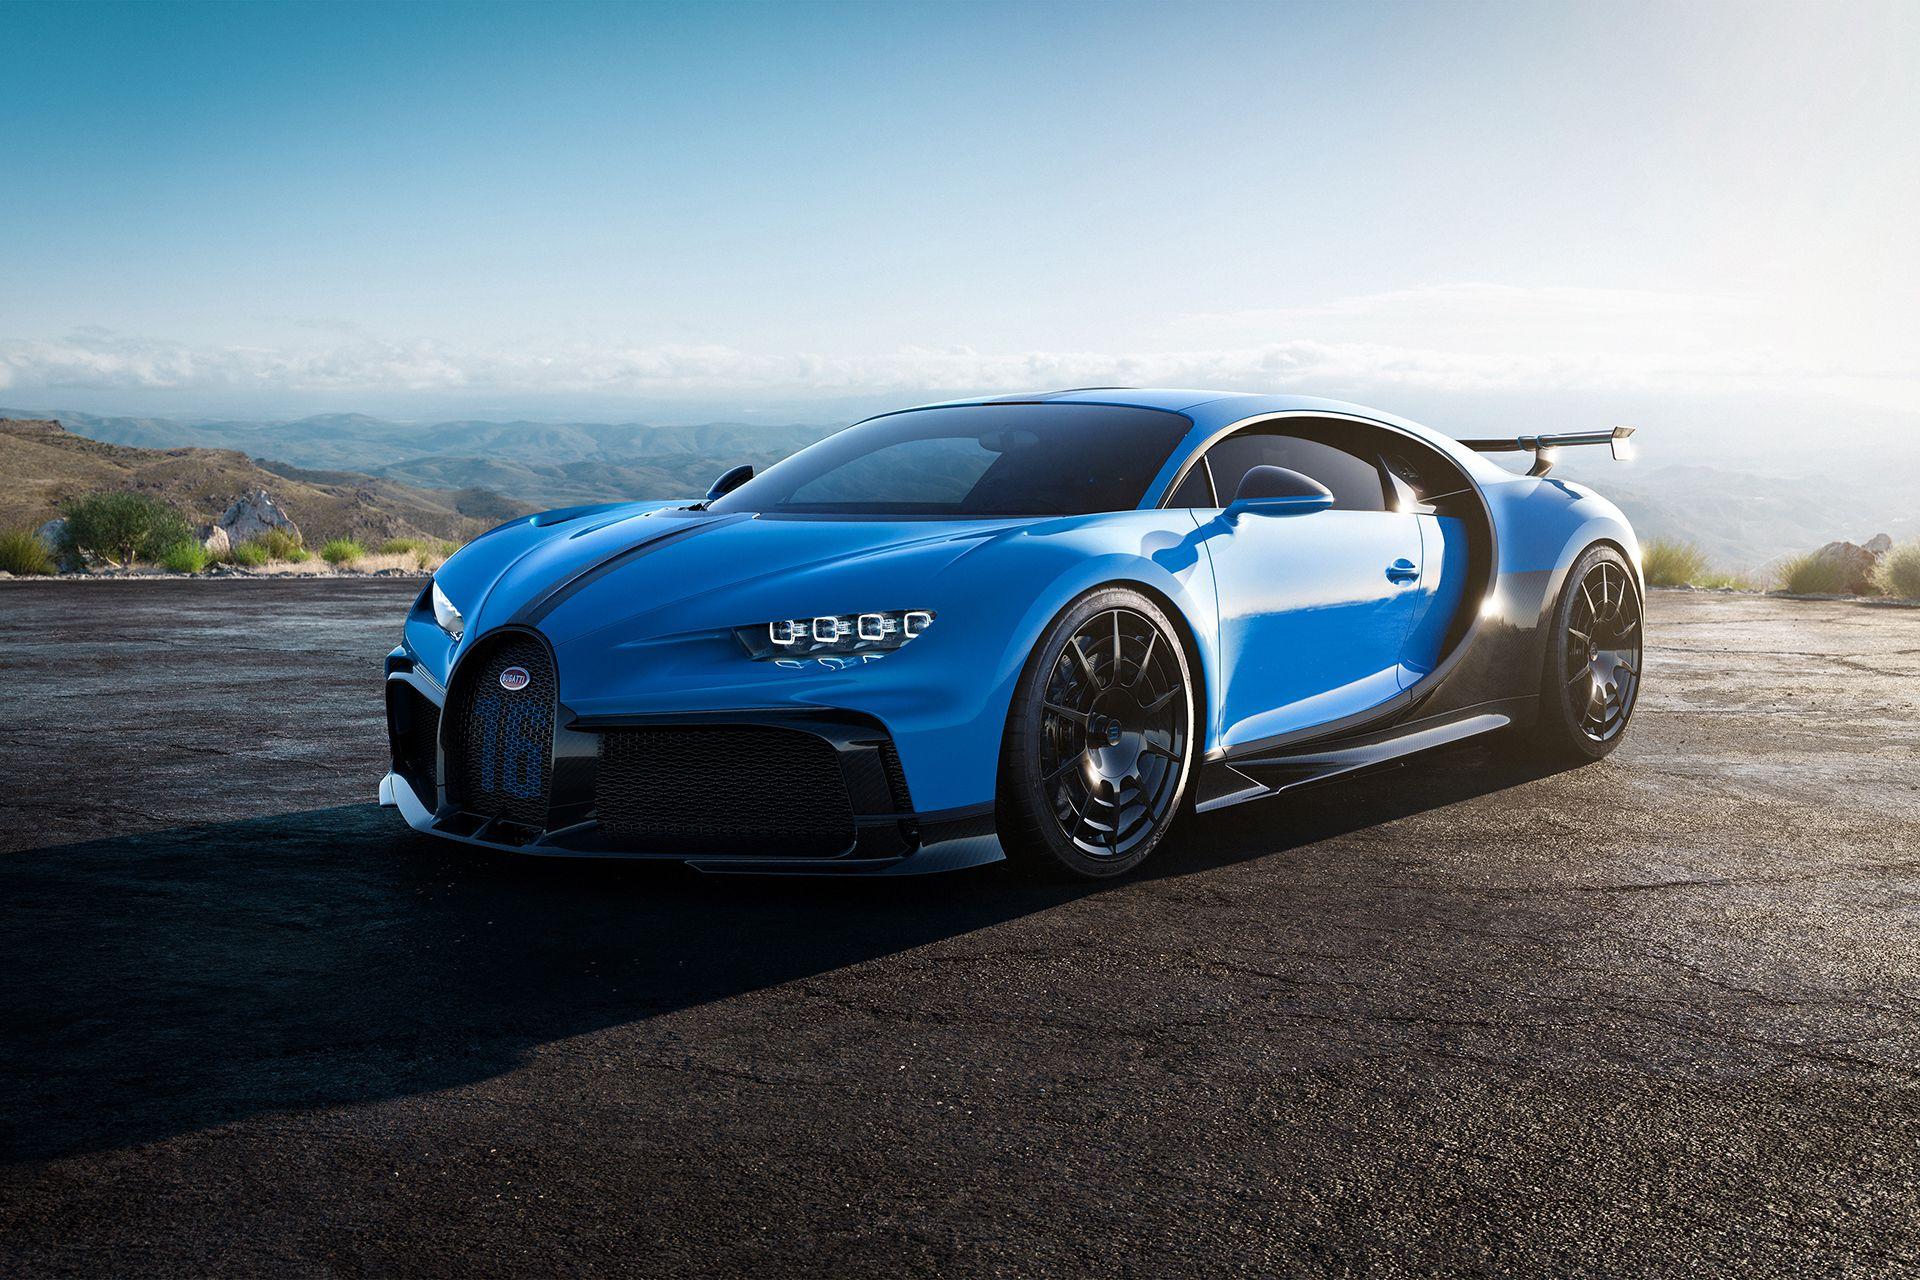 Bugatti Chiron Pur Sport Coupe In 2020 Bugatti Chiron New Bugatti Chiron Bugatti